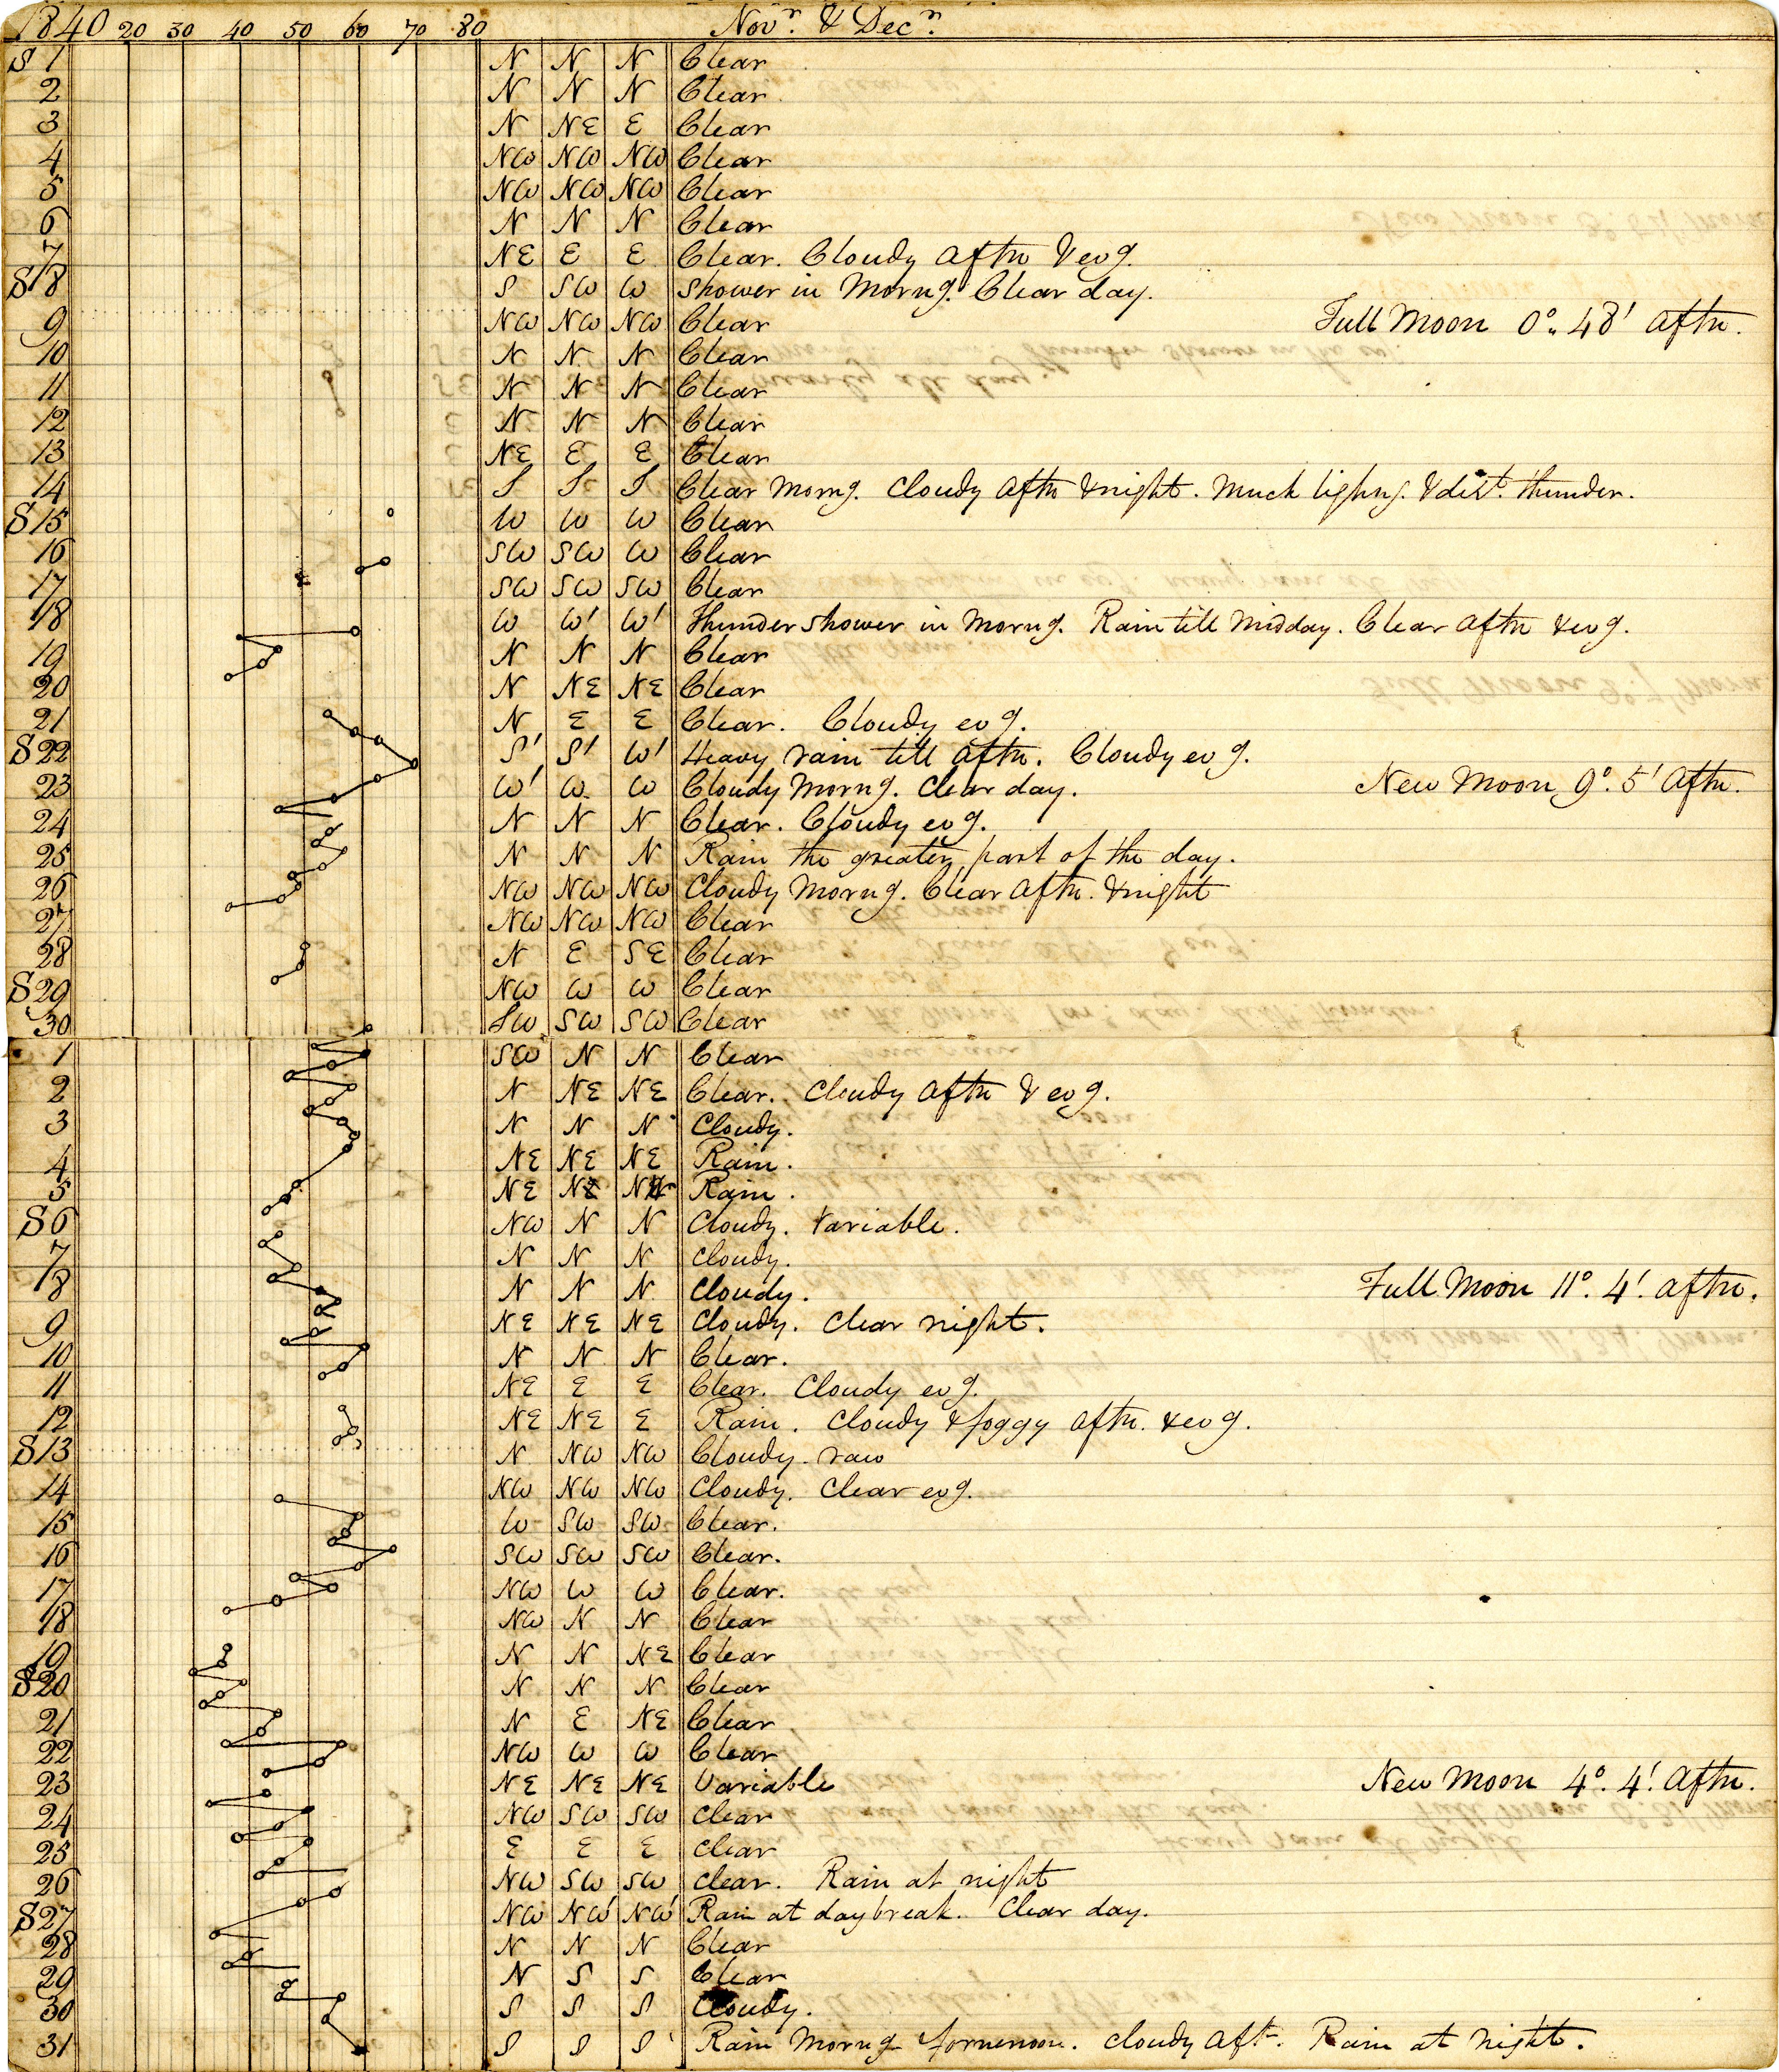 Volume 1: Daily Meteorological Observations, November/December 1840 Observations